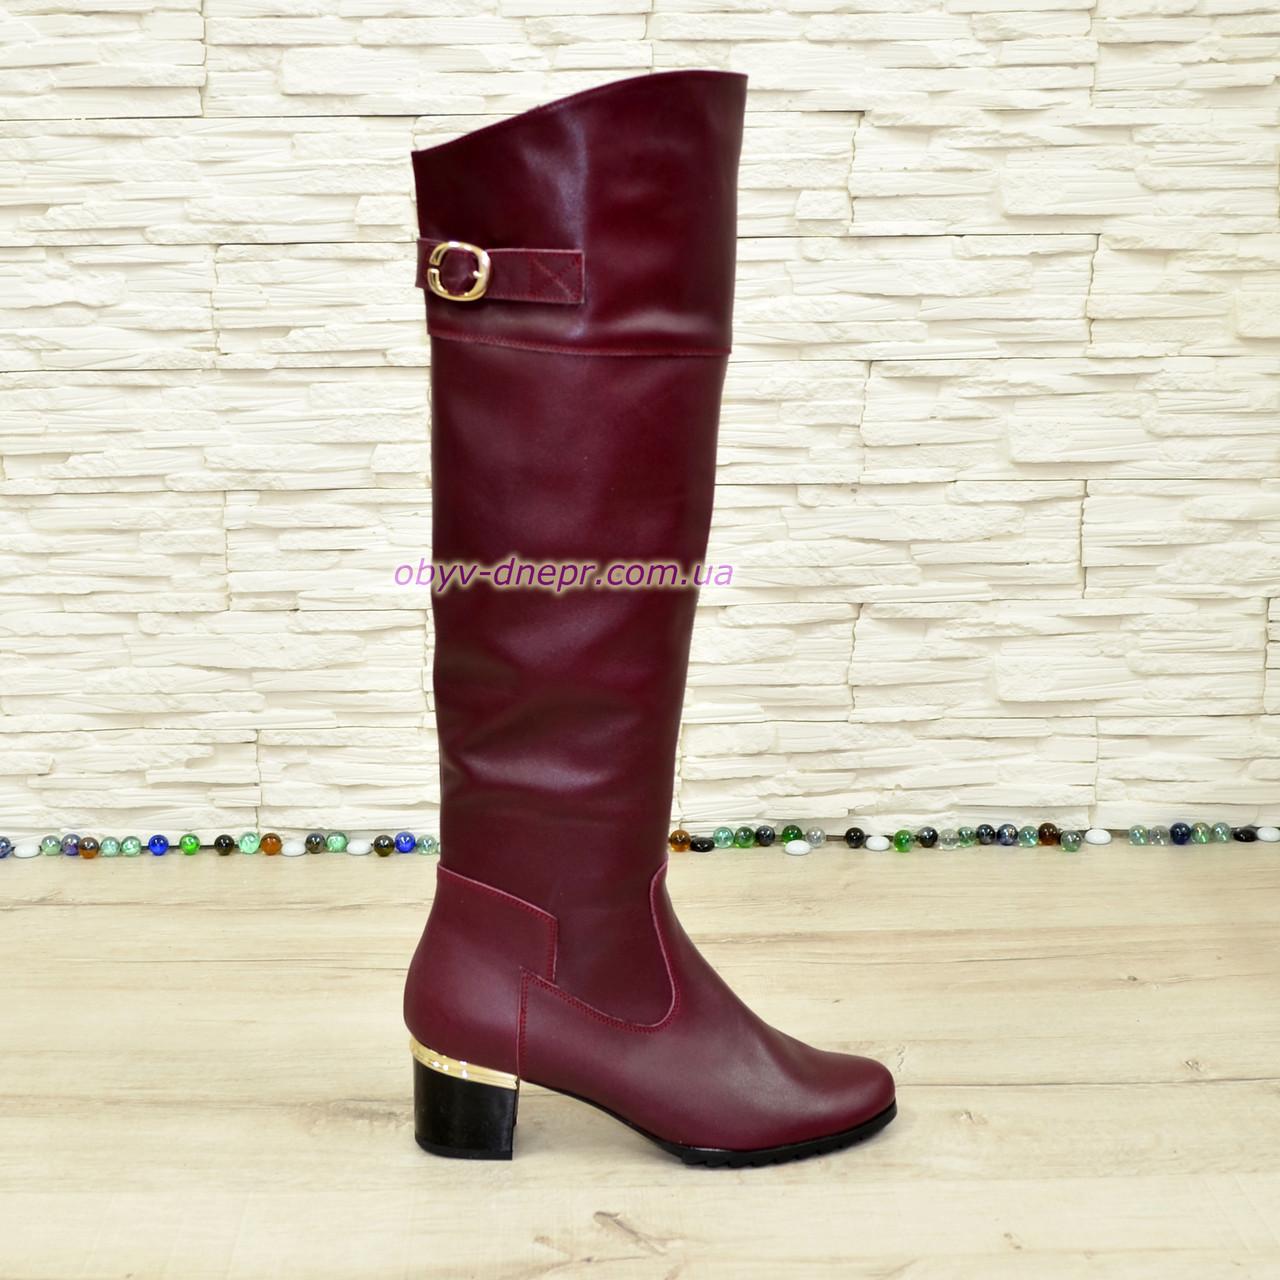 Ботфорты кожаные женские демисезонные на каблуке, бордового цвета.